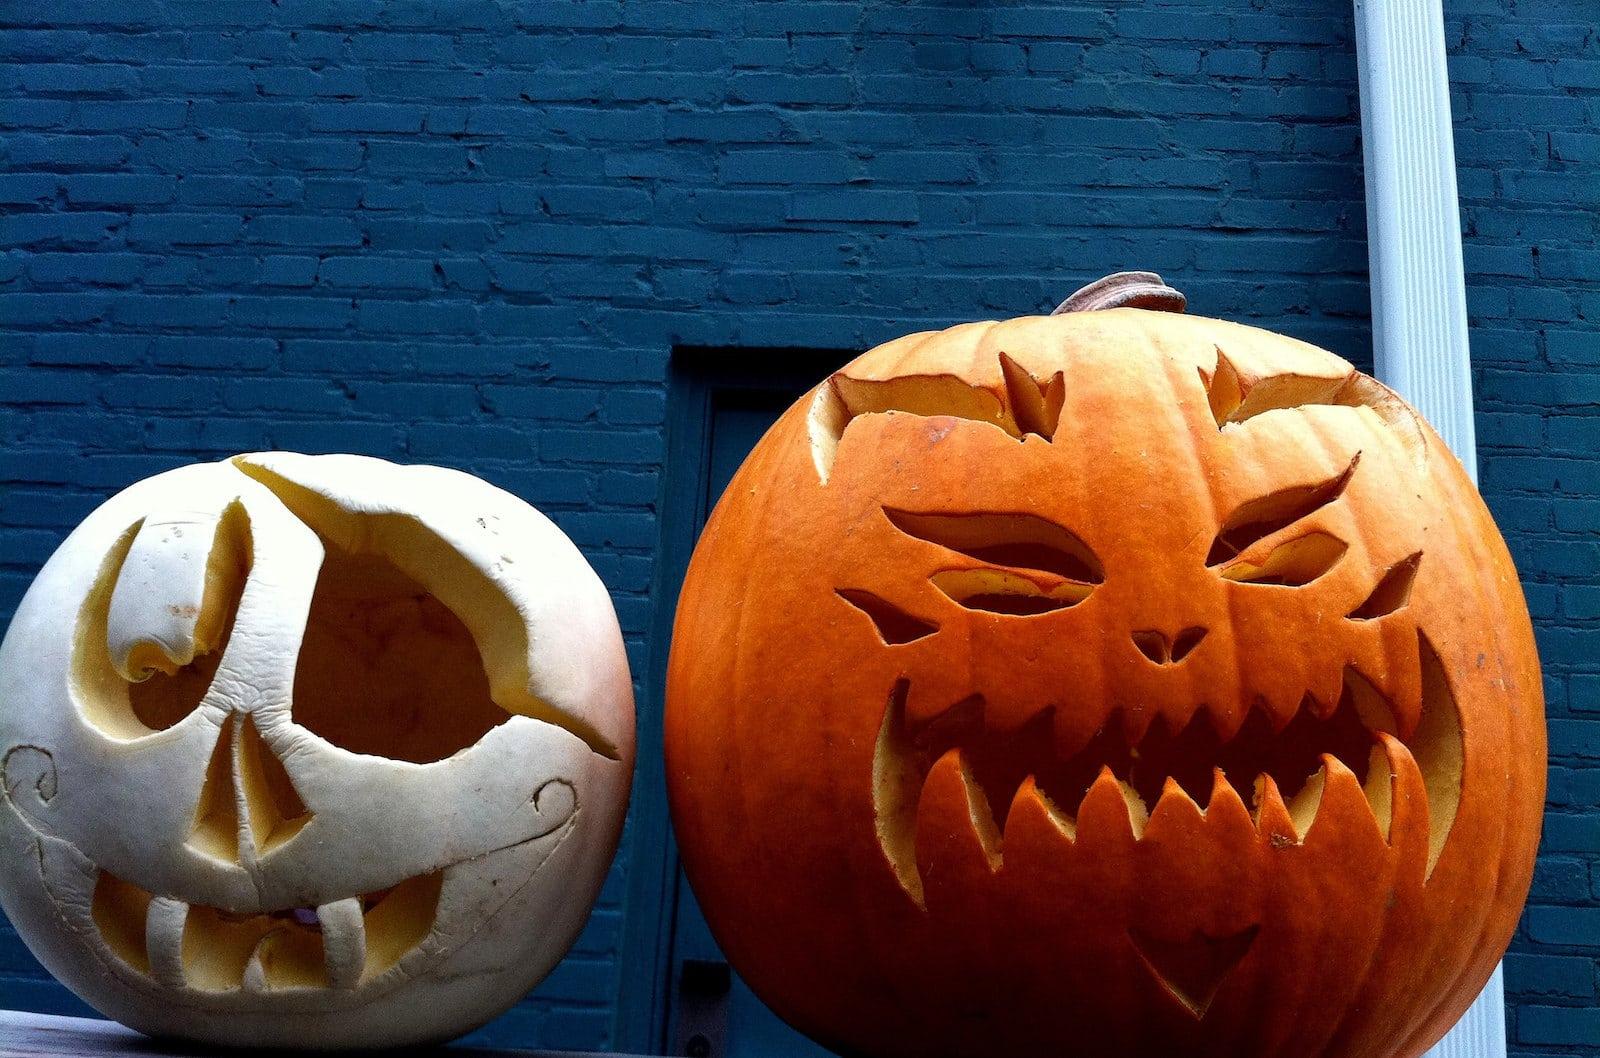 Image of carved pumpkins